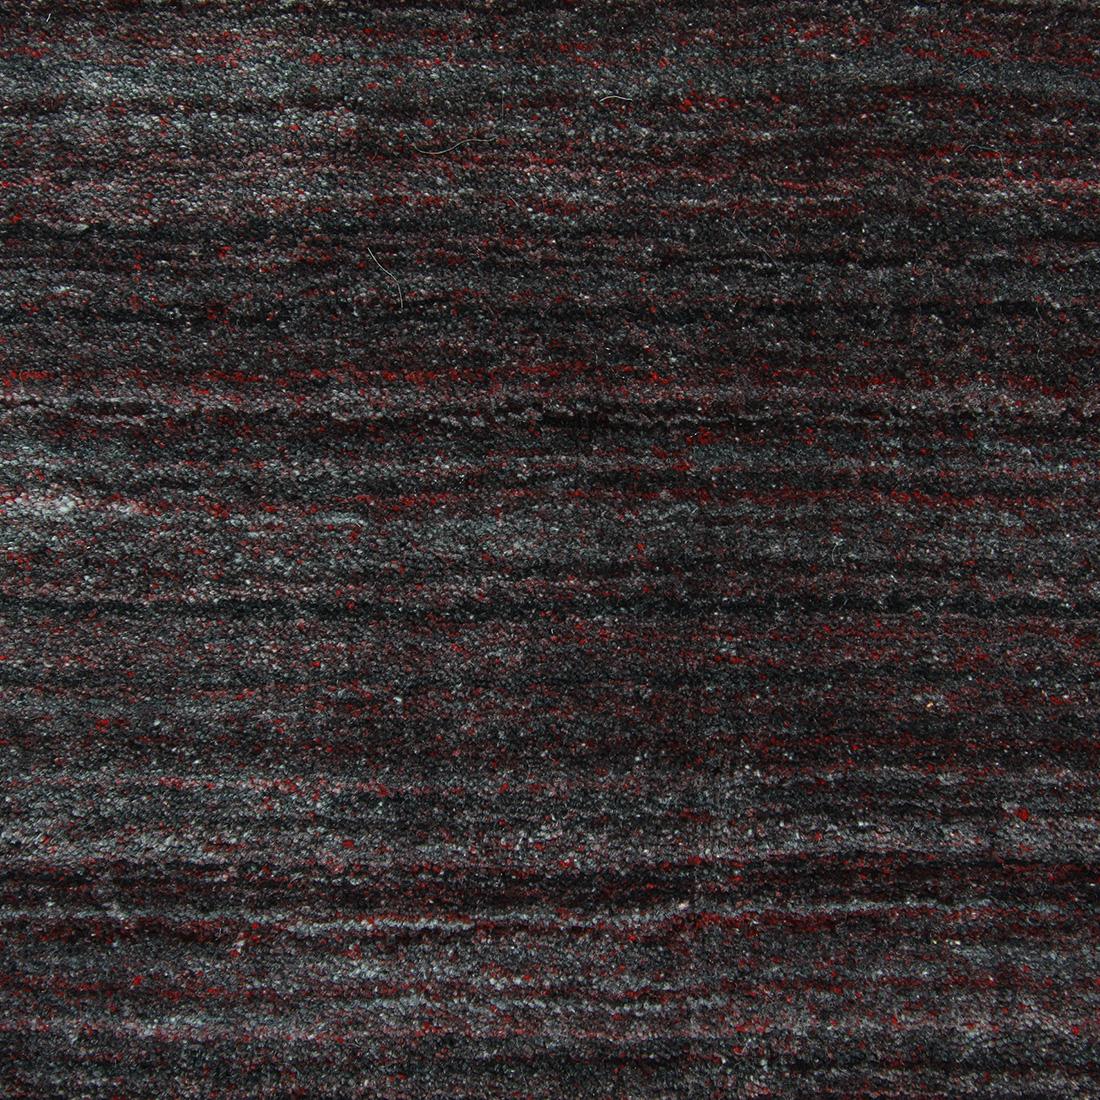 Vloerkleed Brinker Palermo Royal Red | 170 x 230 cm